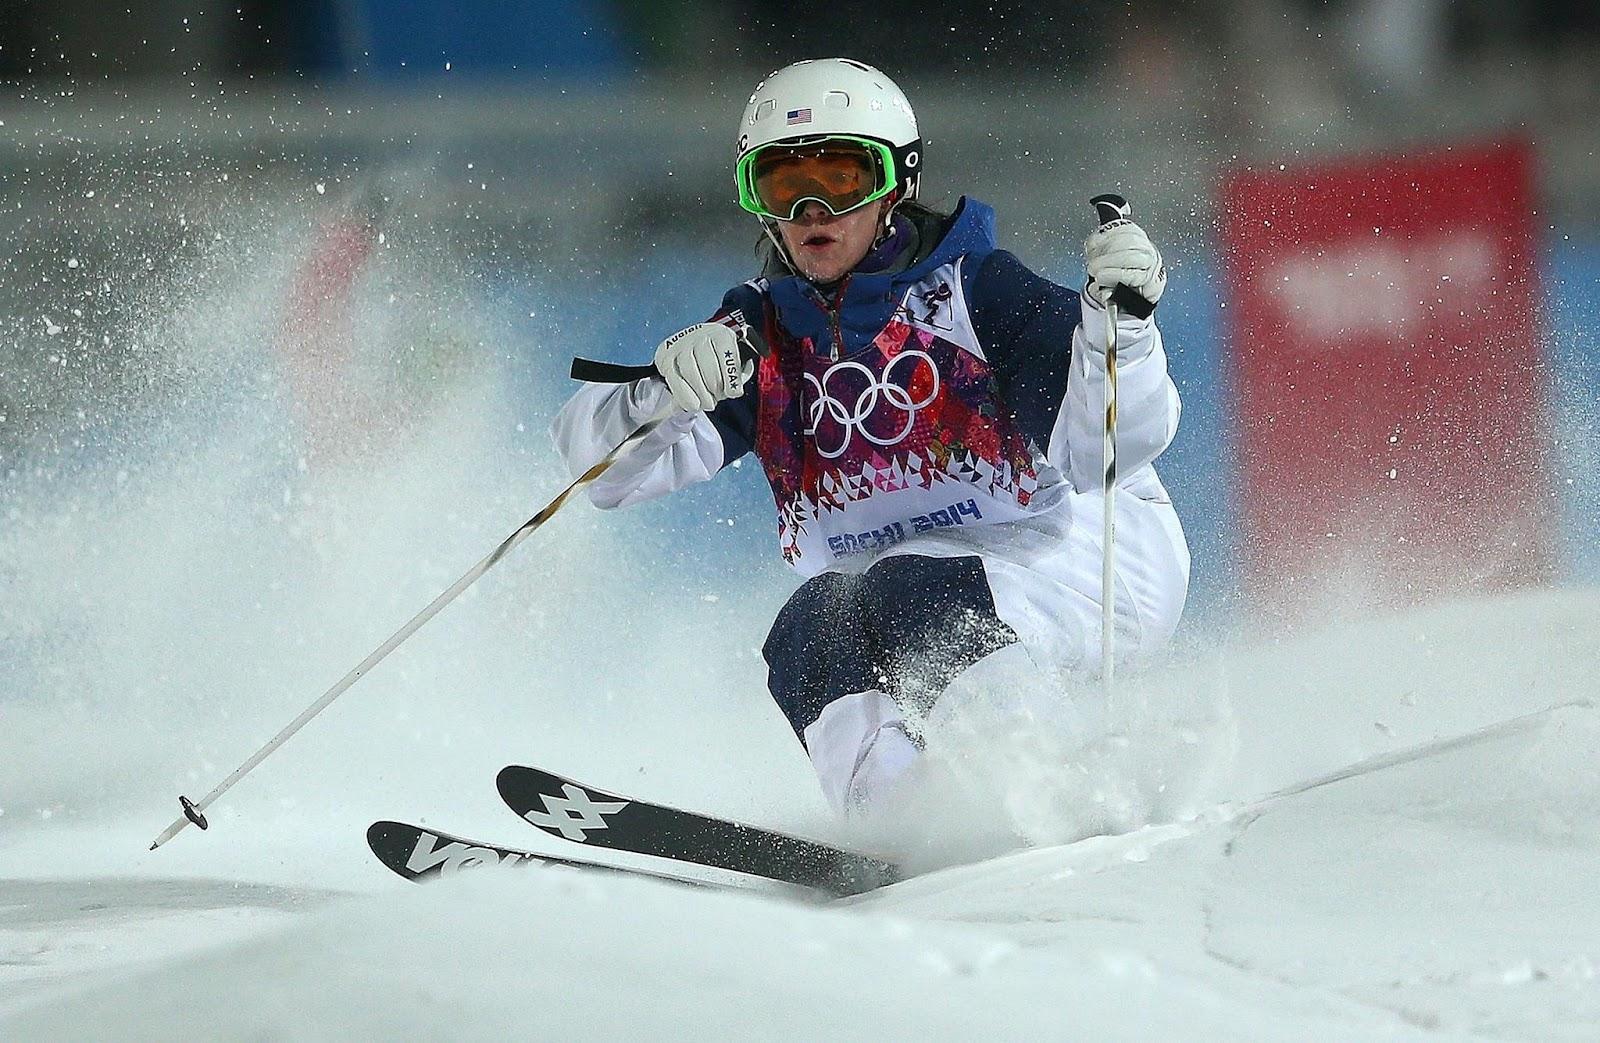 chi-mogul-skiing-olympics-20140205-001.jpg